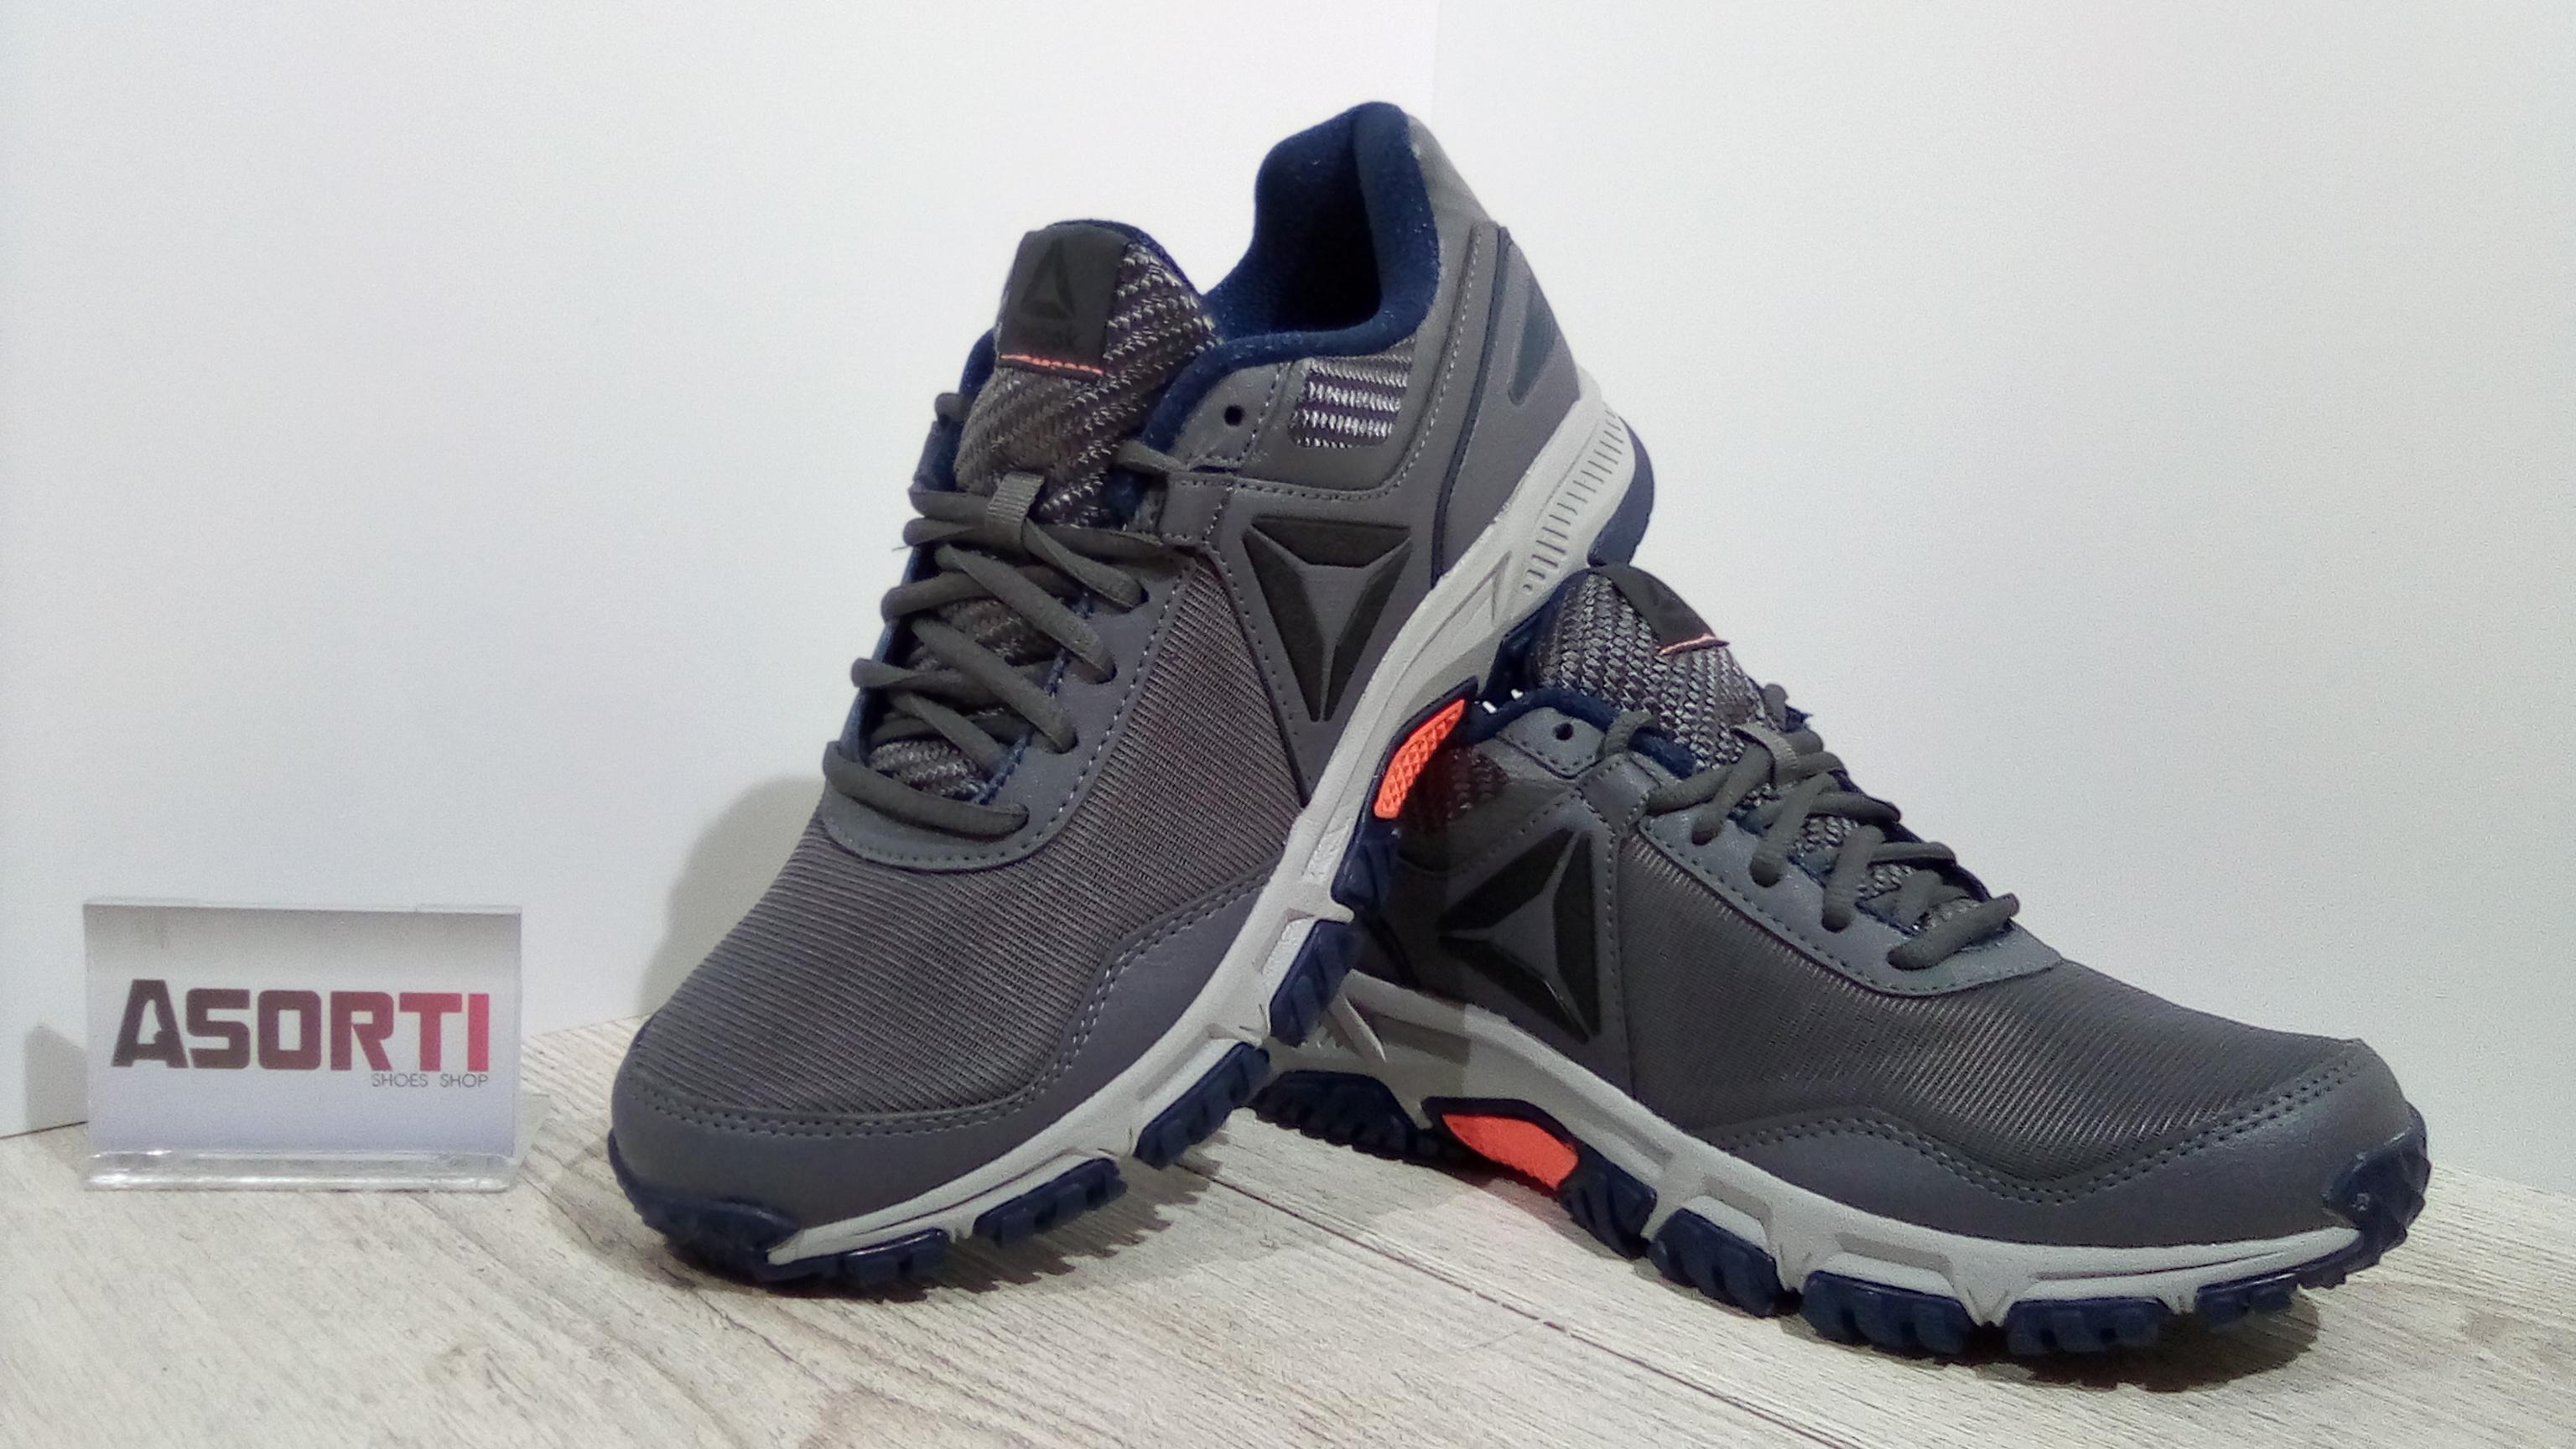 4be497f6108884 Мужские кроссовки Reebok Ridgerider Trail 3.0 (CN4616) серые купить ...